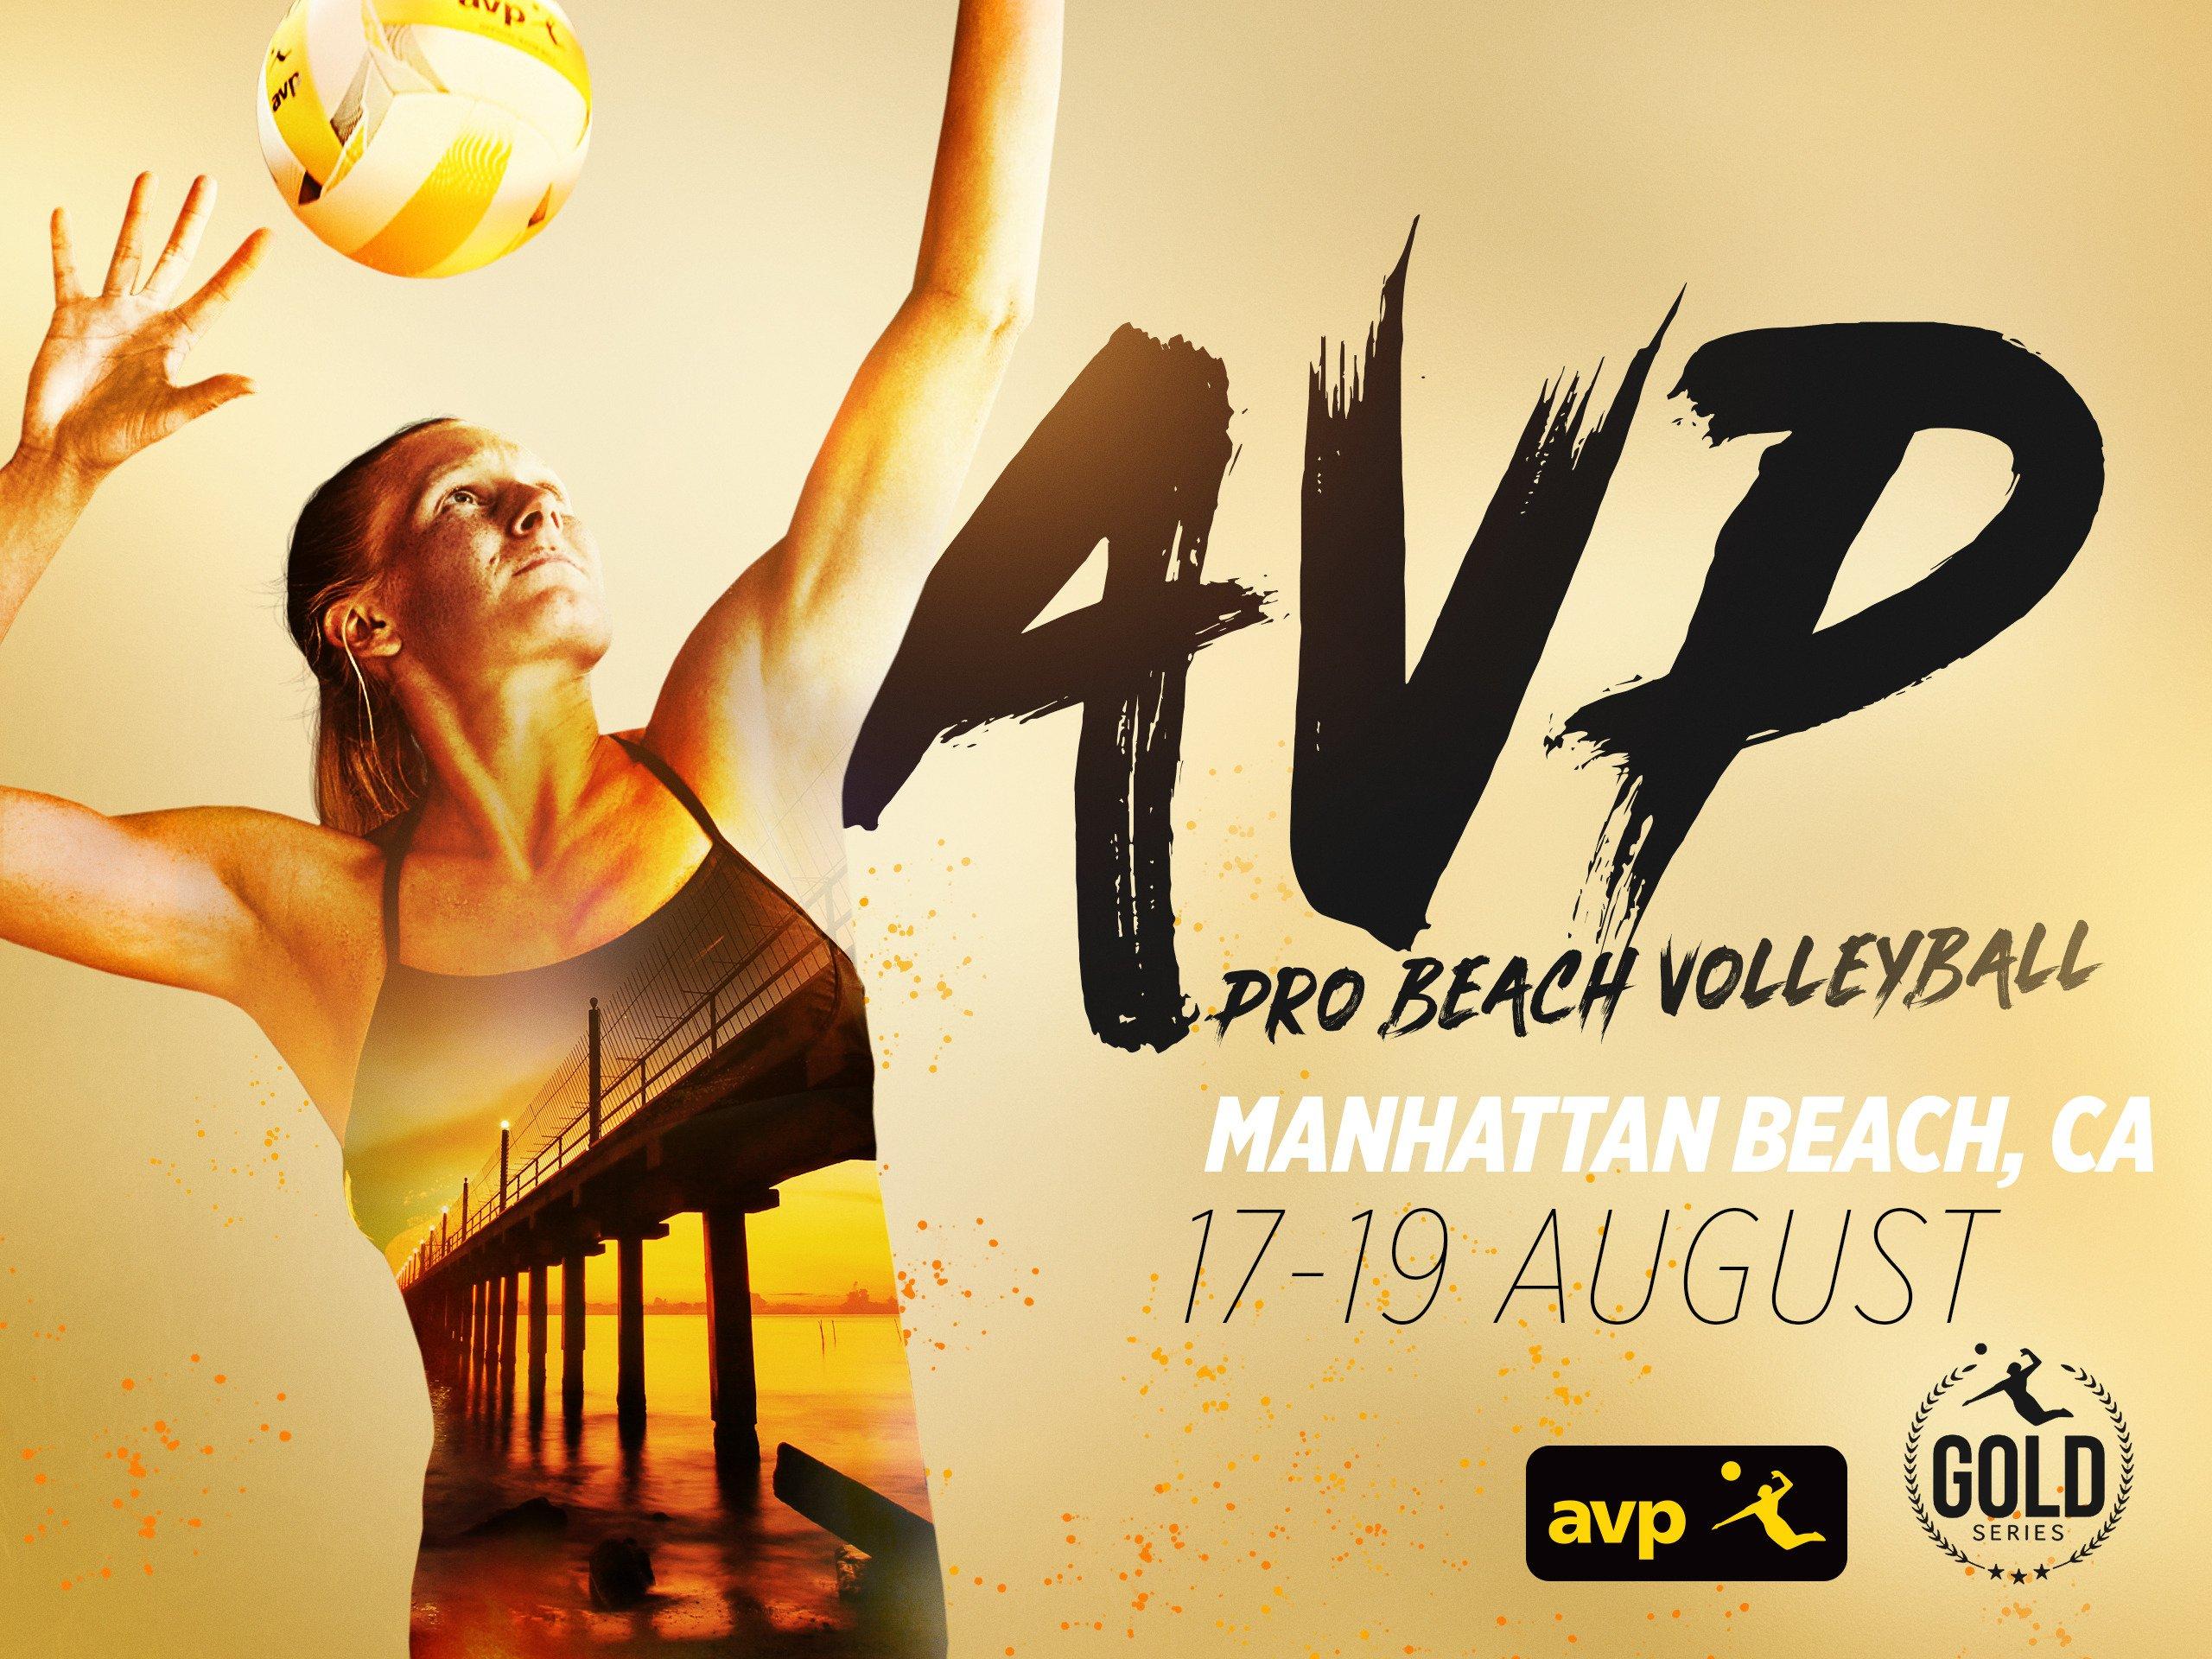 2018 AVP Gold Series // Manhattan Beach Open - Pro Beach Volleyball - 2018